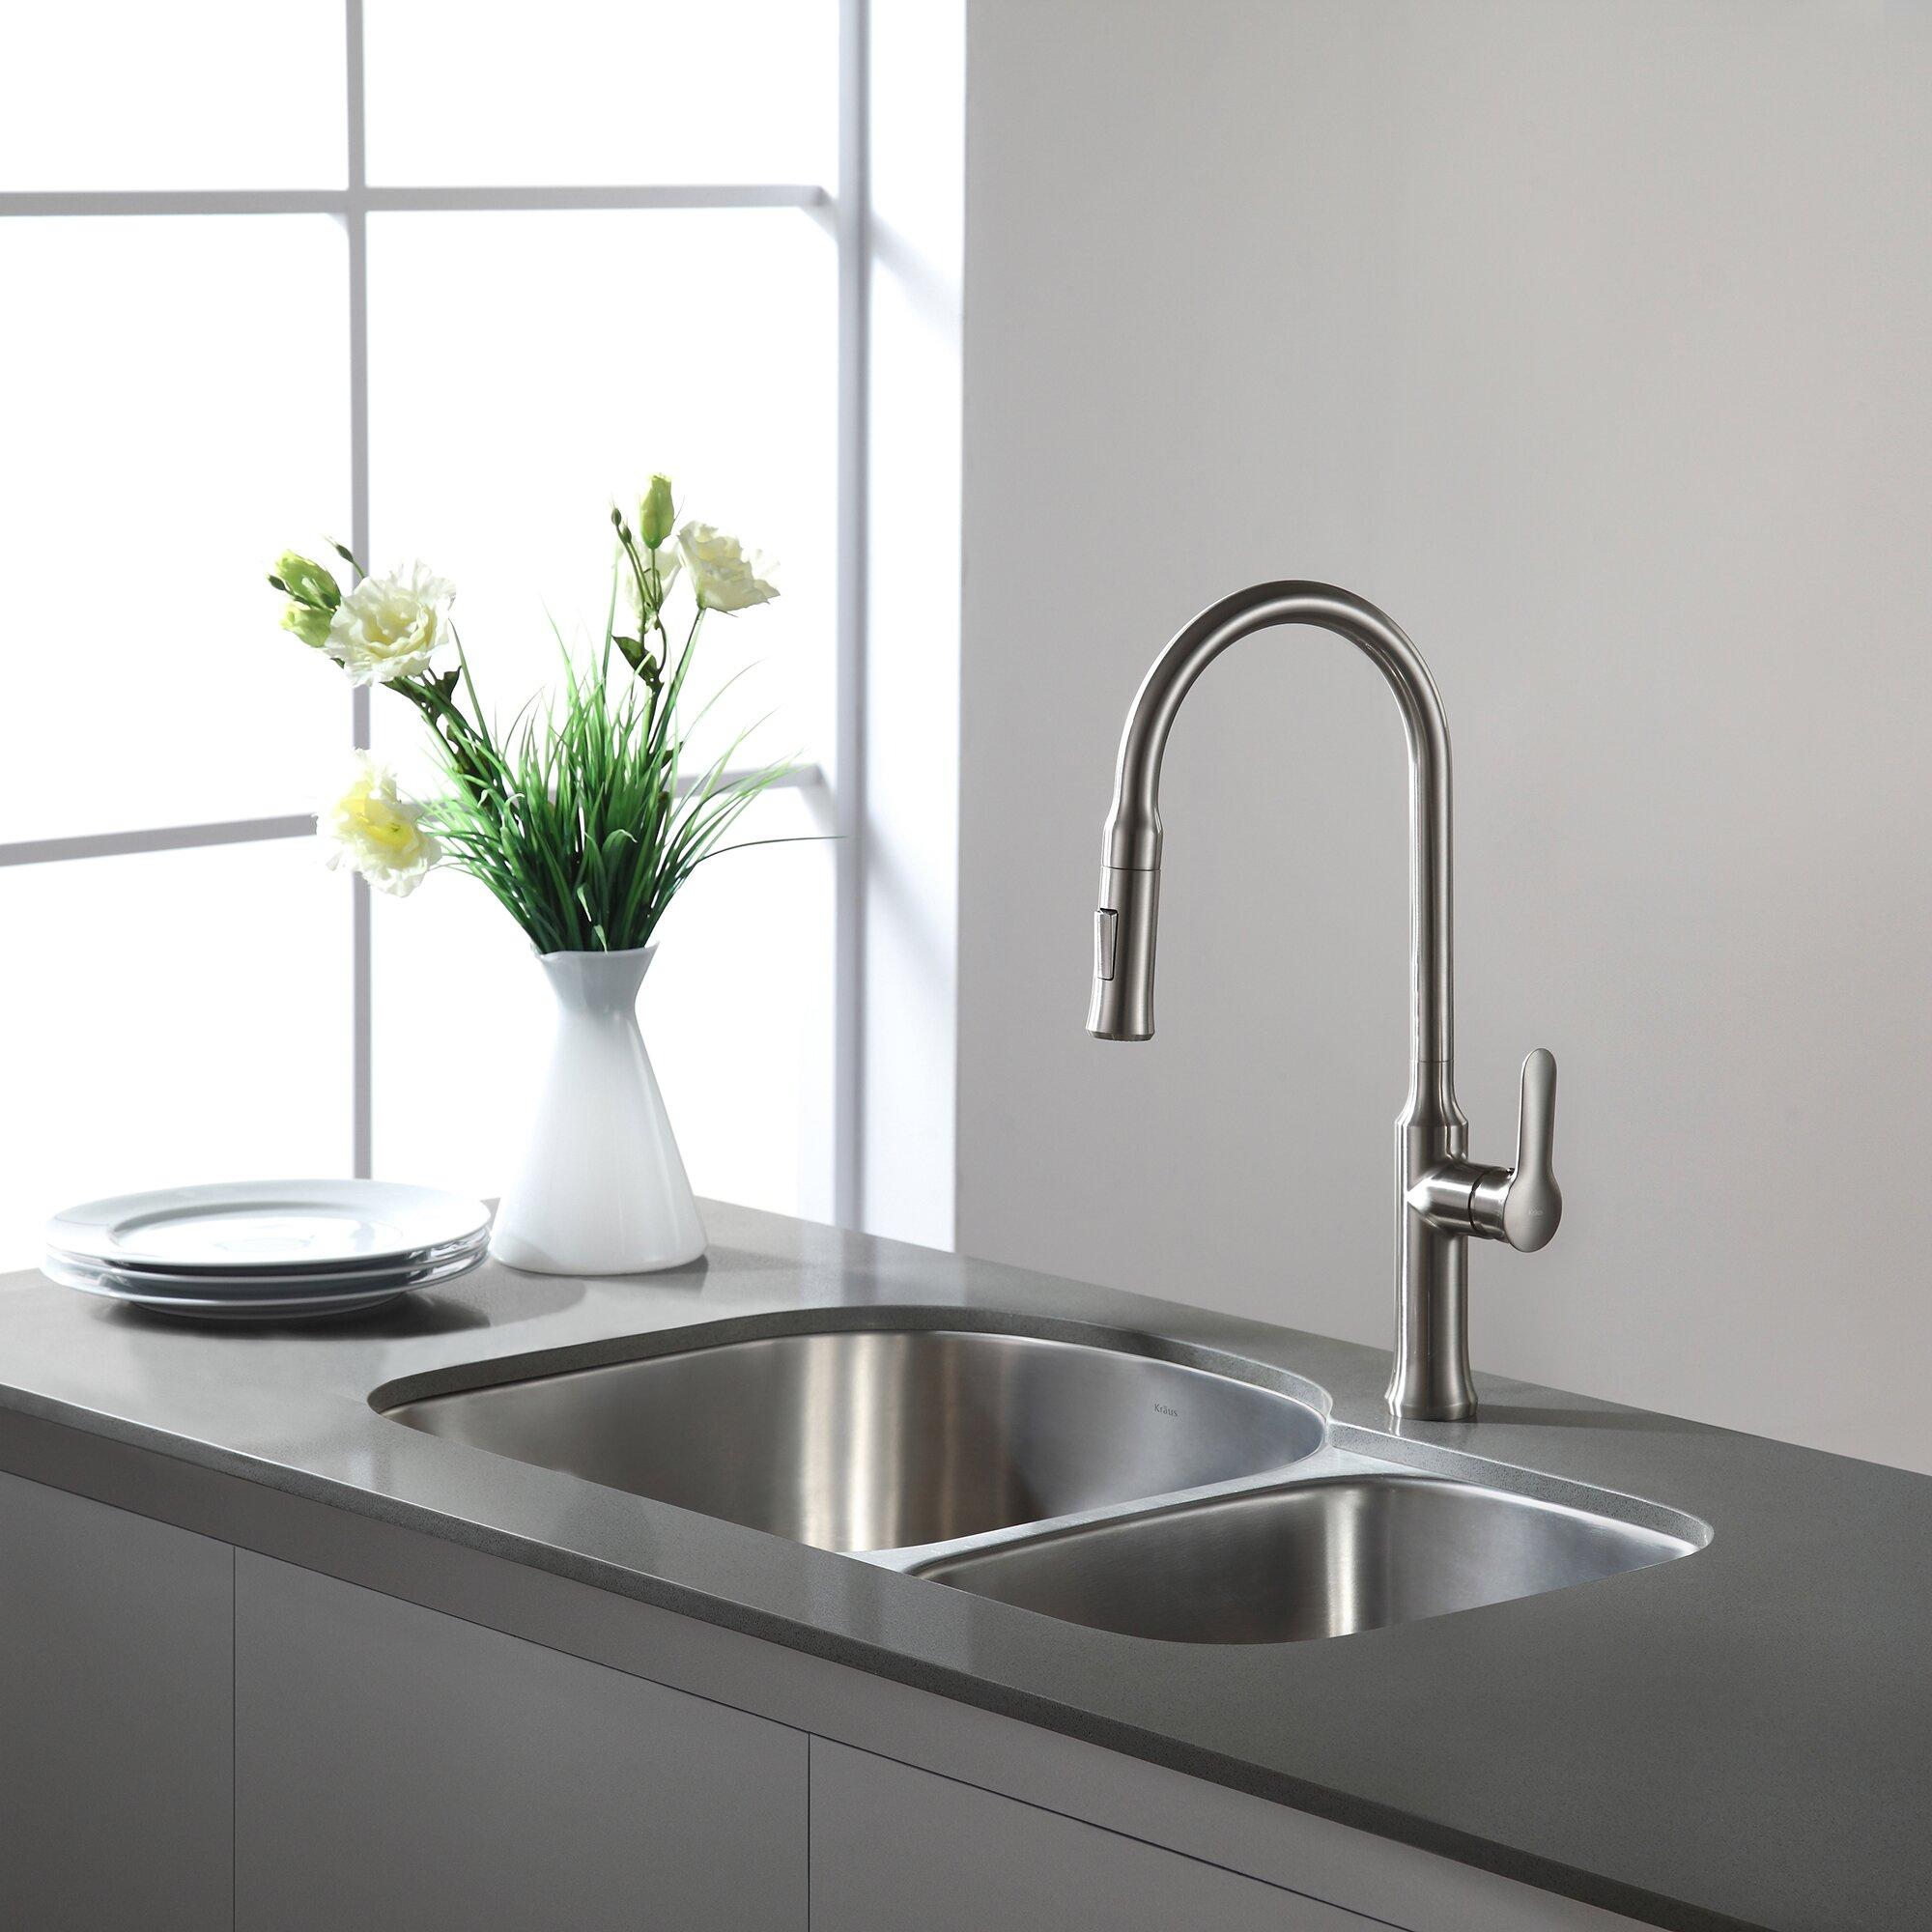 Kraus x 6 piece undermount 55 45 double bowl - Kitchen sink pieces ...